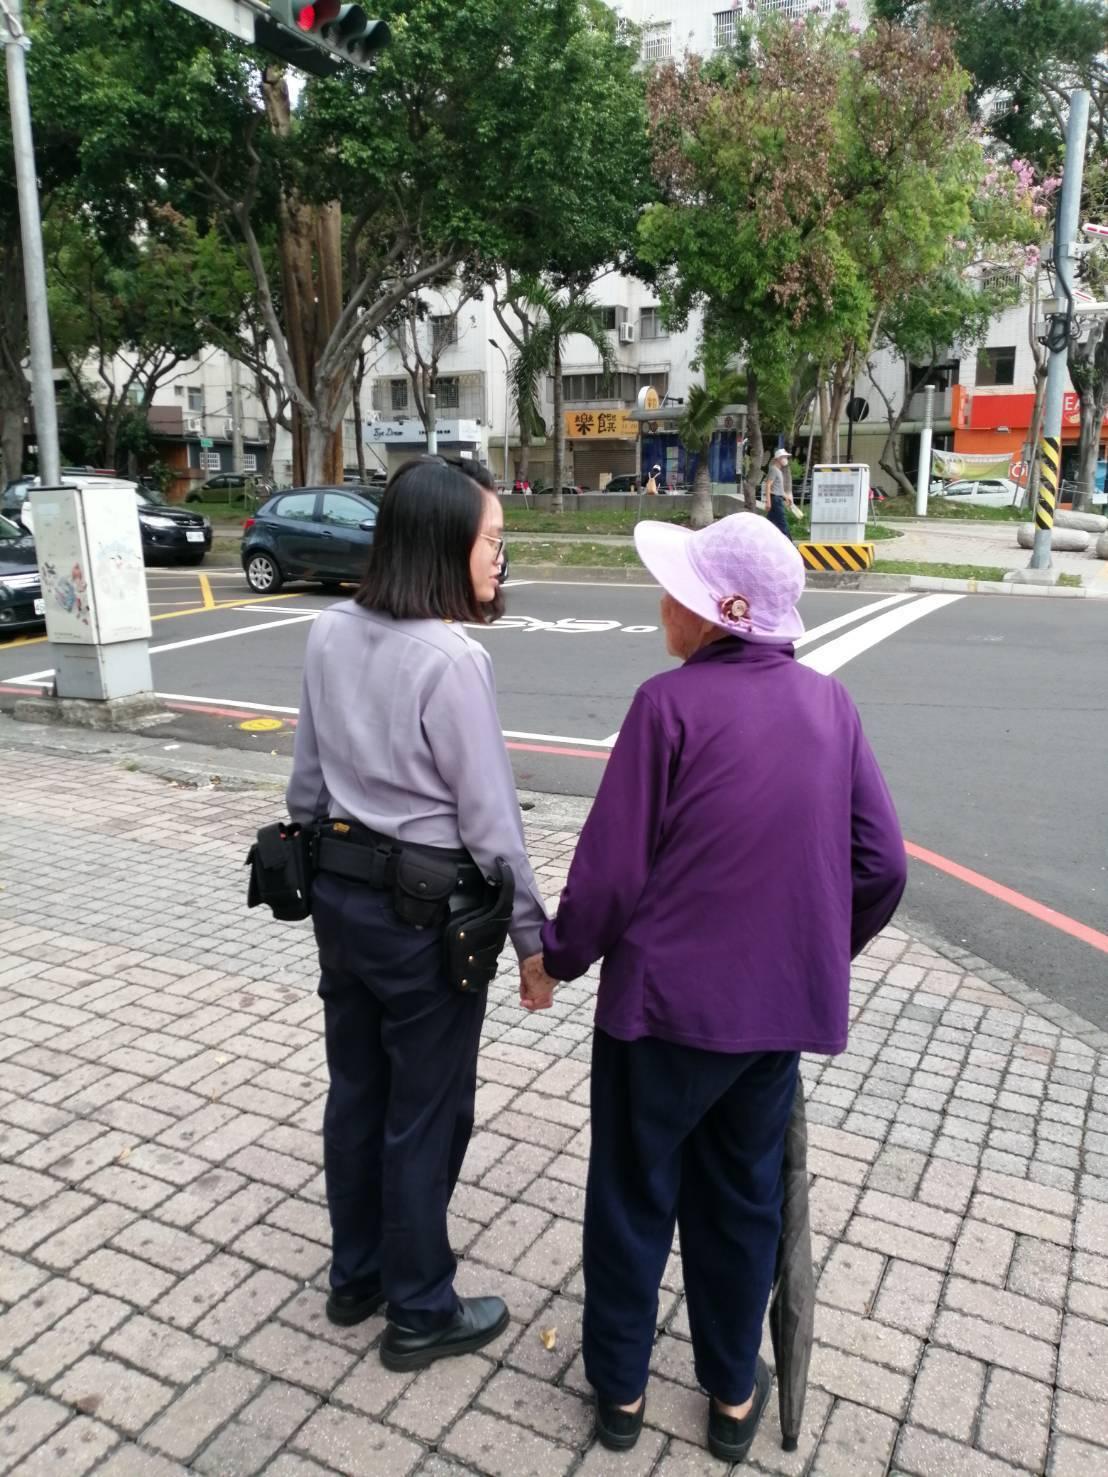 返家途中,女警莊雅雲(左)一路緊牽著阿嬤(右)的手,且低頭聆聽阿嬤說話,暖心的畫...